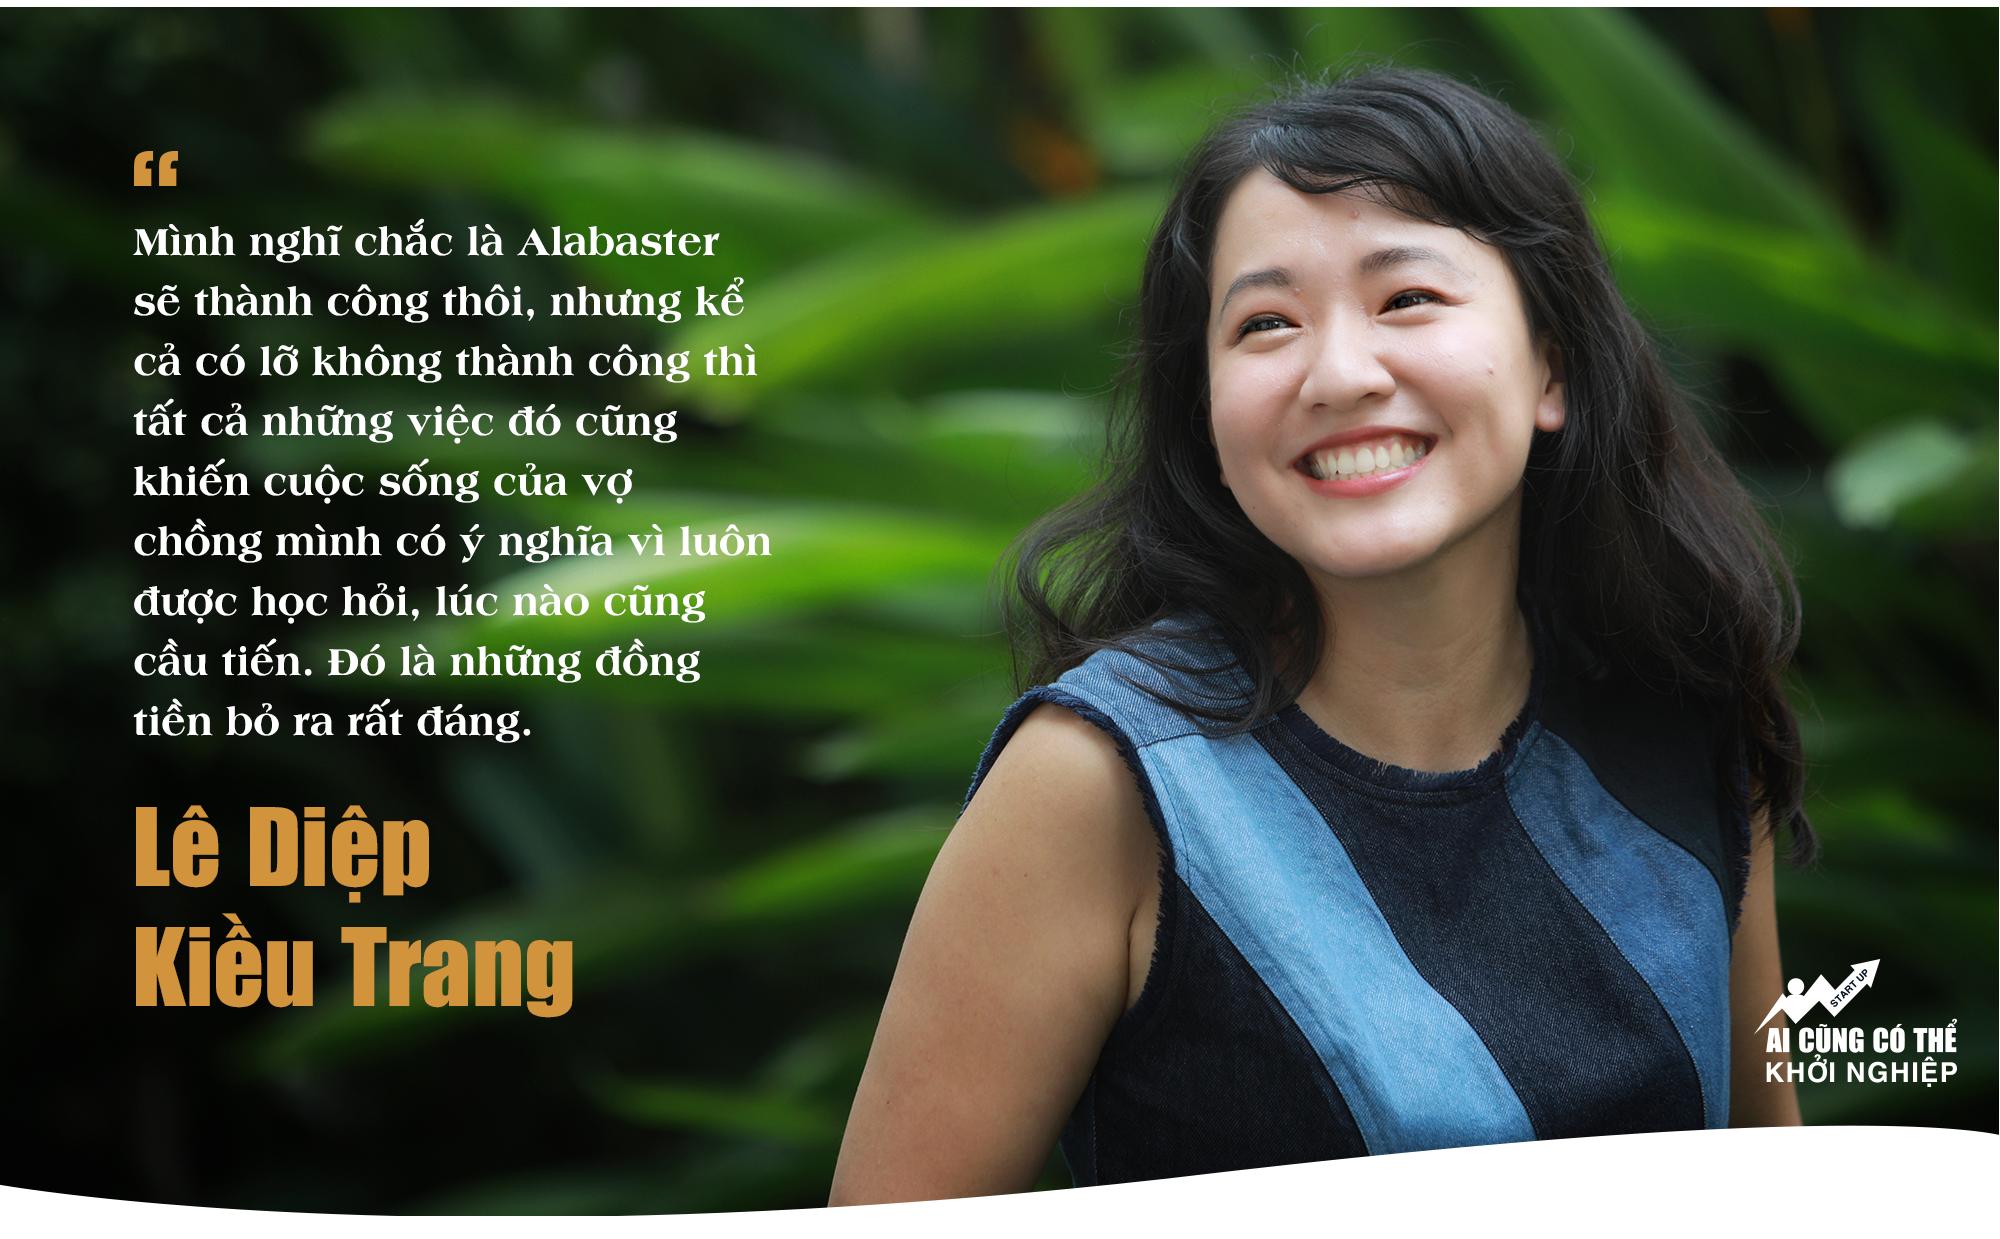 Lê Diệp Kiều Trang: Số mình có lẽ không có duyên làm thuê, đam mê lớn nhất bây giờ là các startup Việt Nam! - Ảnh 7.